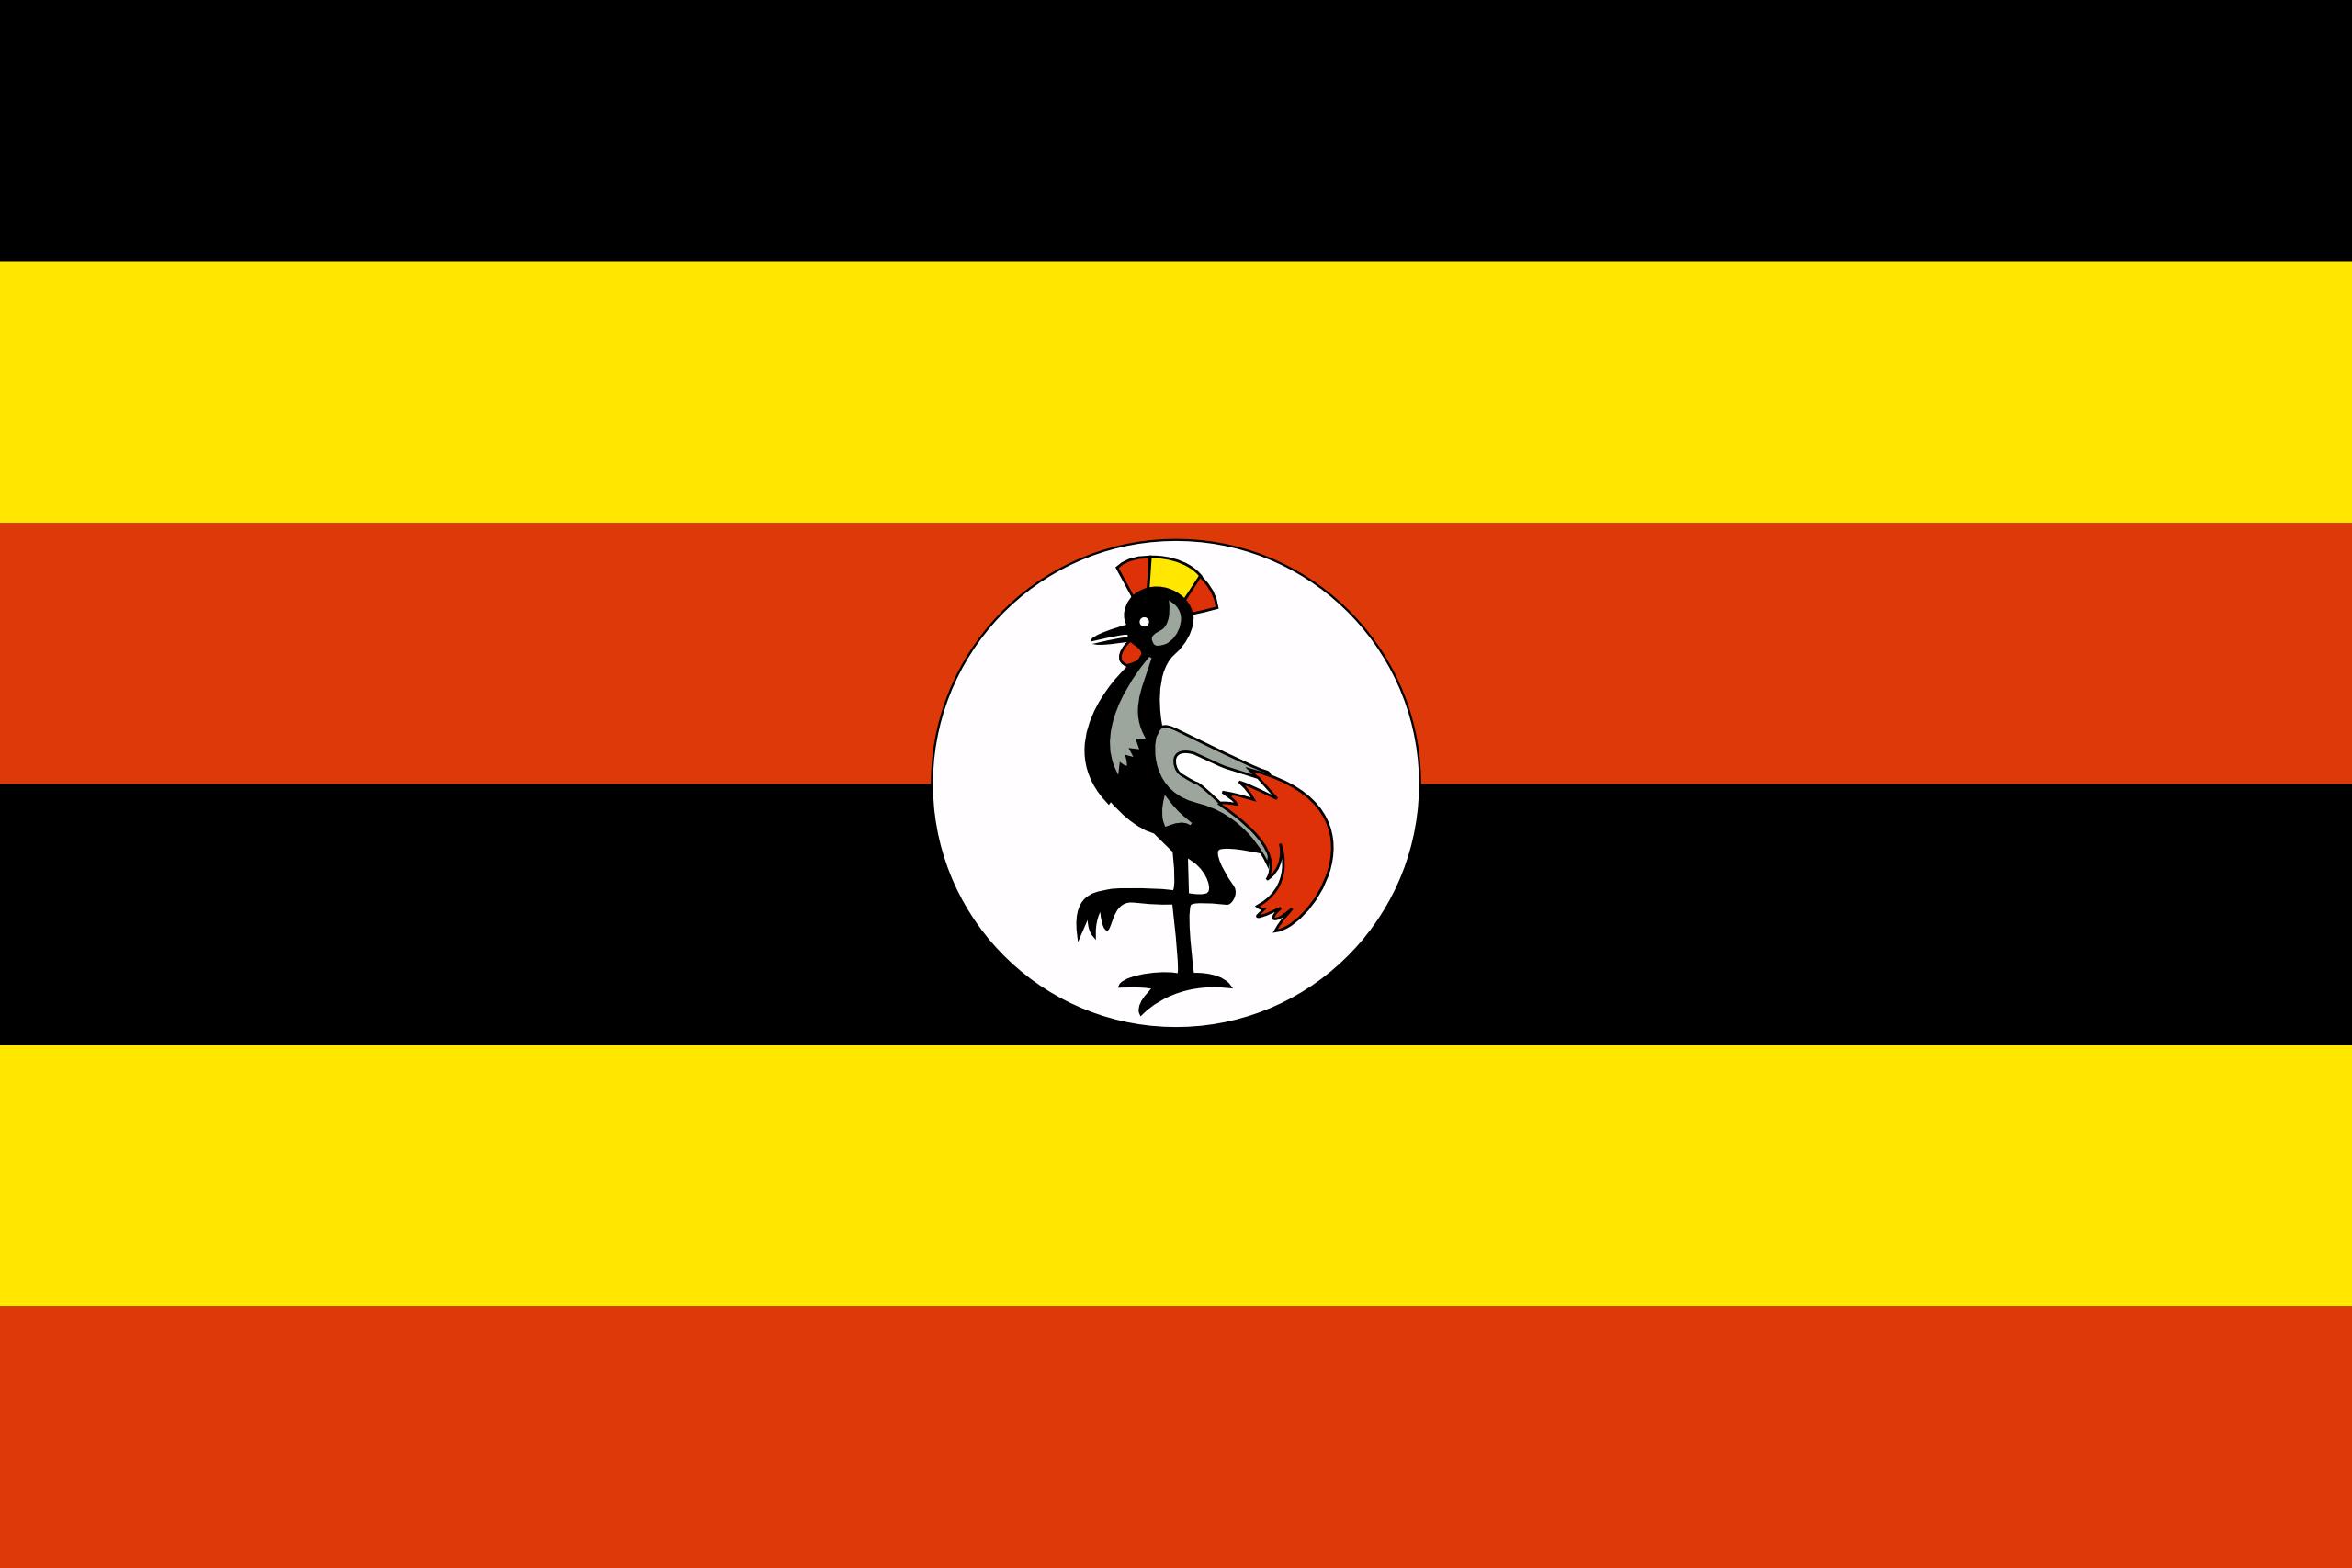 Viser flagget til Uganda